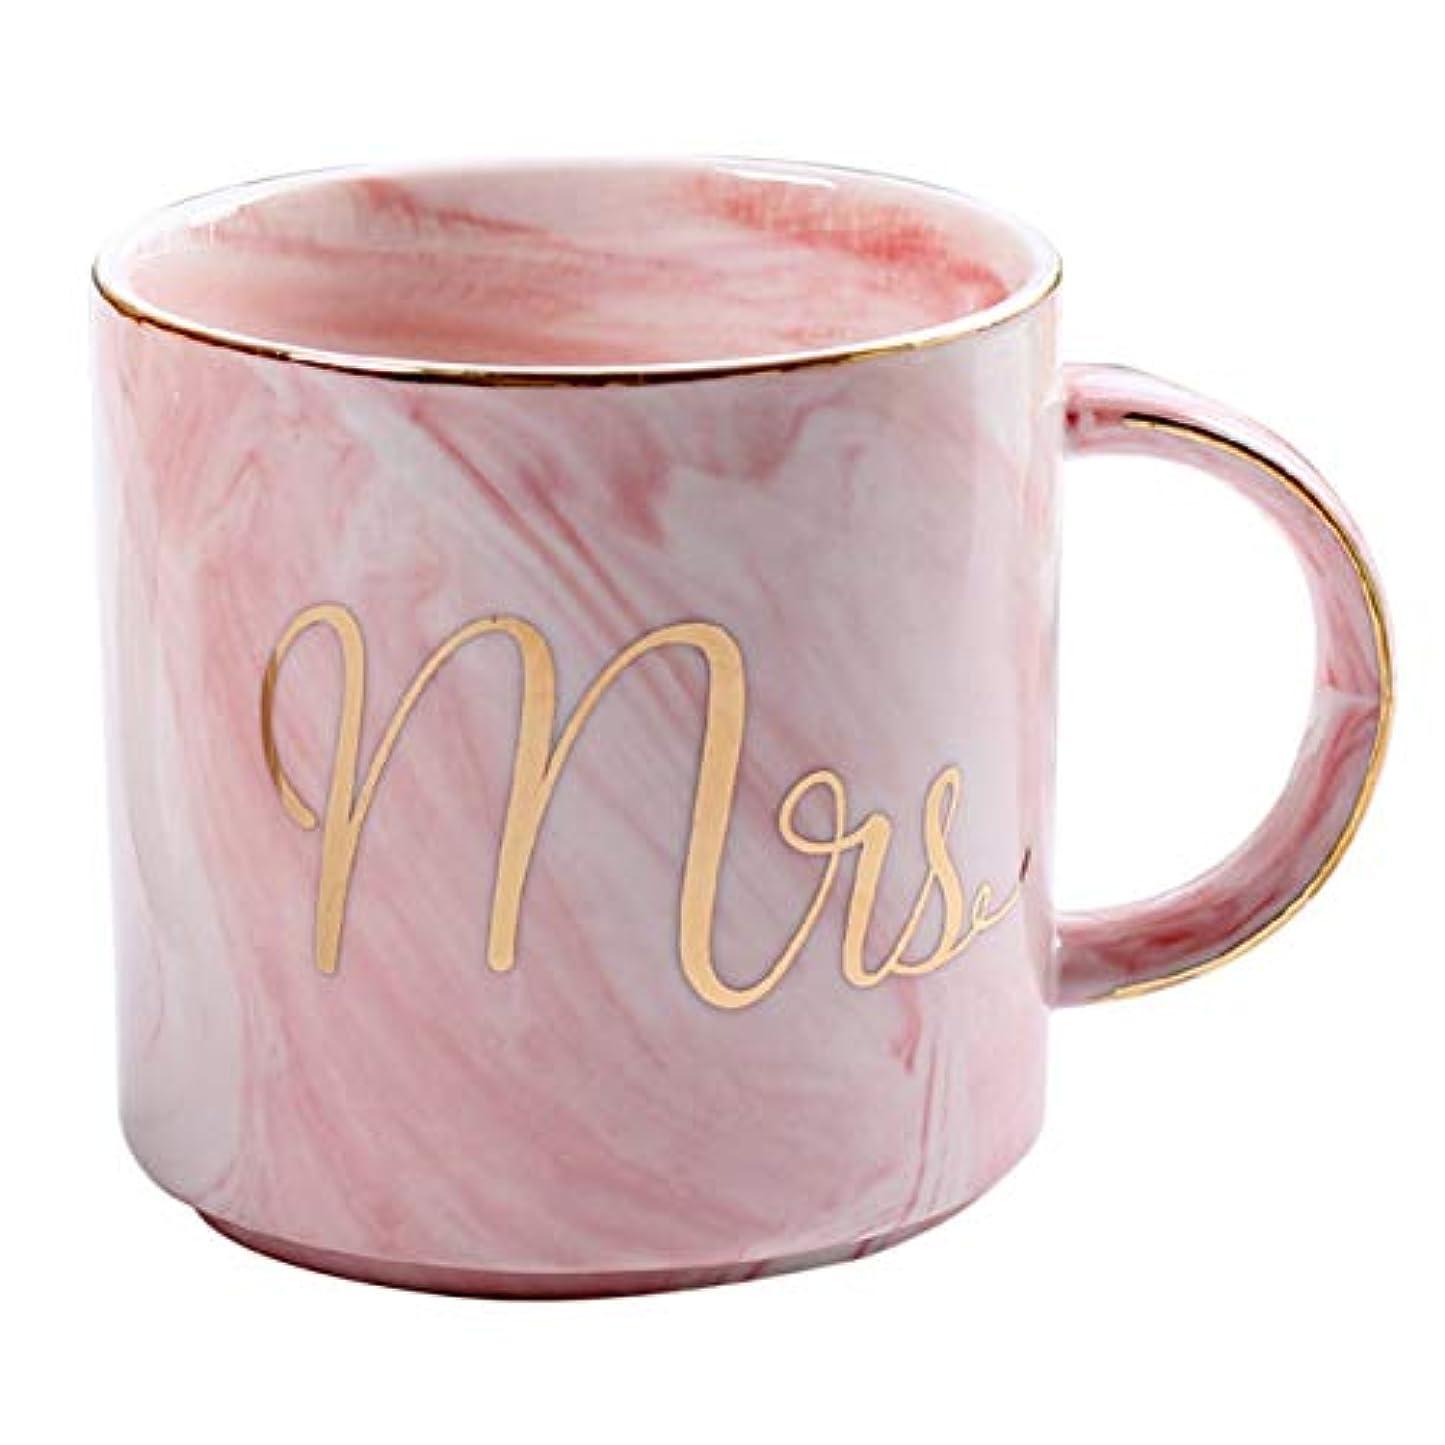 サンプル連鎖富Saikogoods 愛好家のためのホームオフィスベストギフトのための美しいMarbelパターンセラミック水マグレタープリントコーヒーカップ ピンク